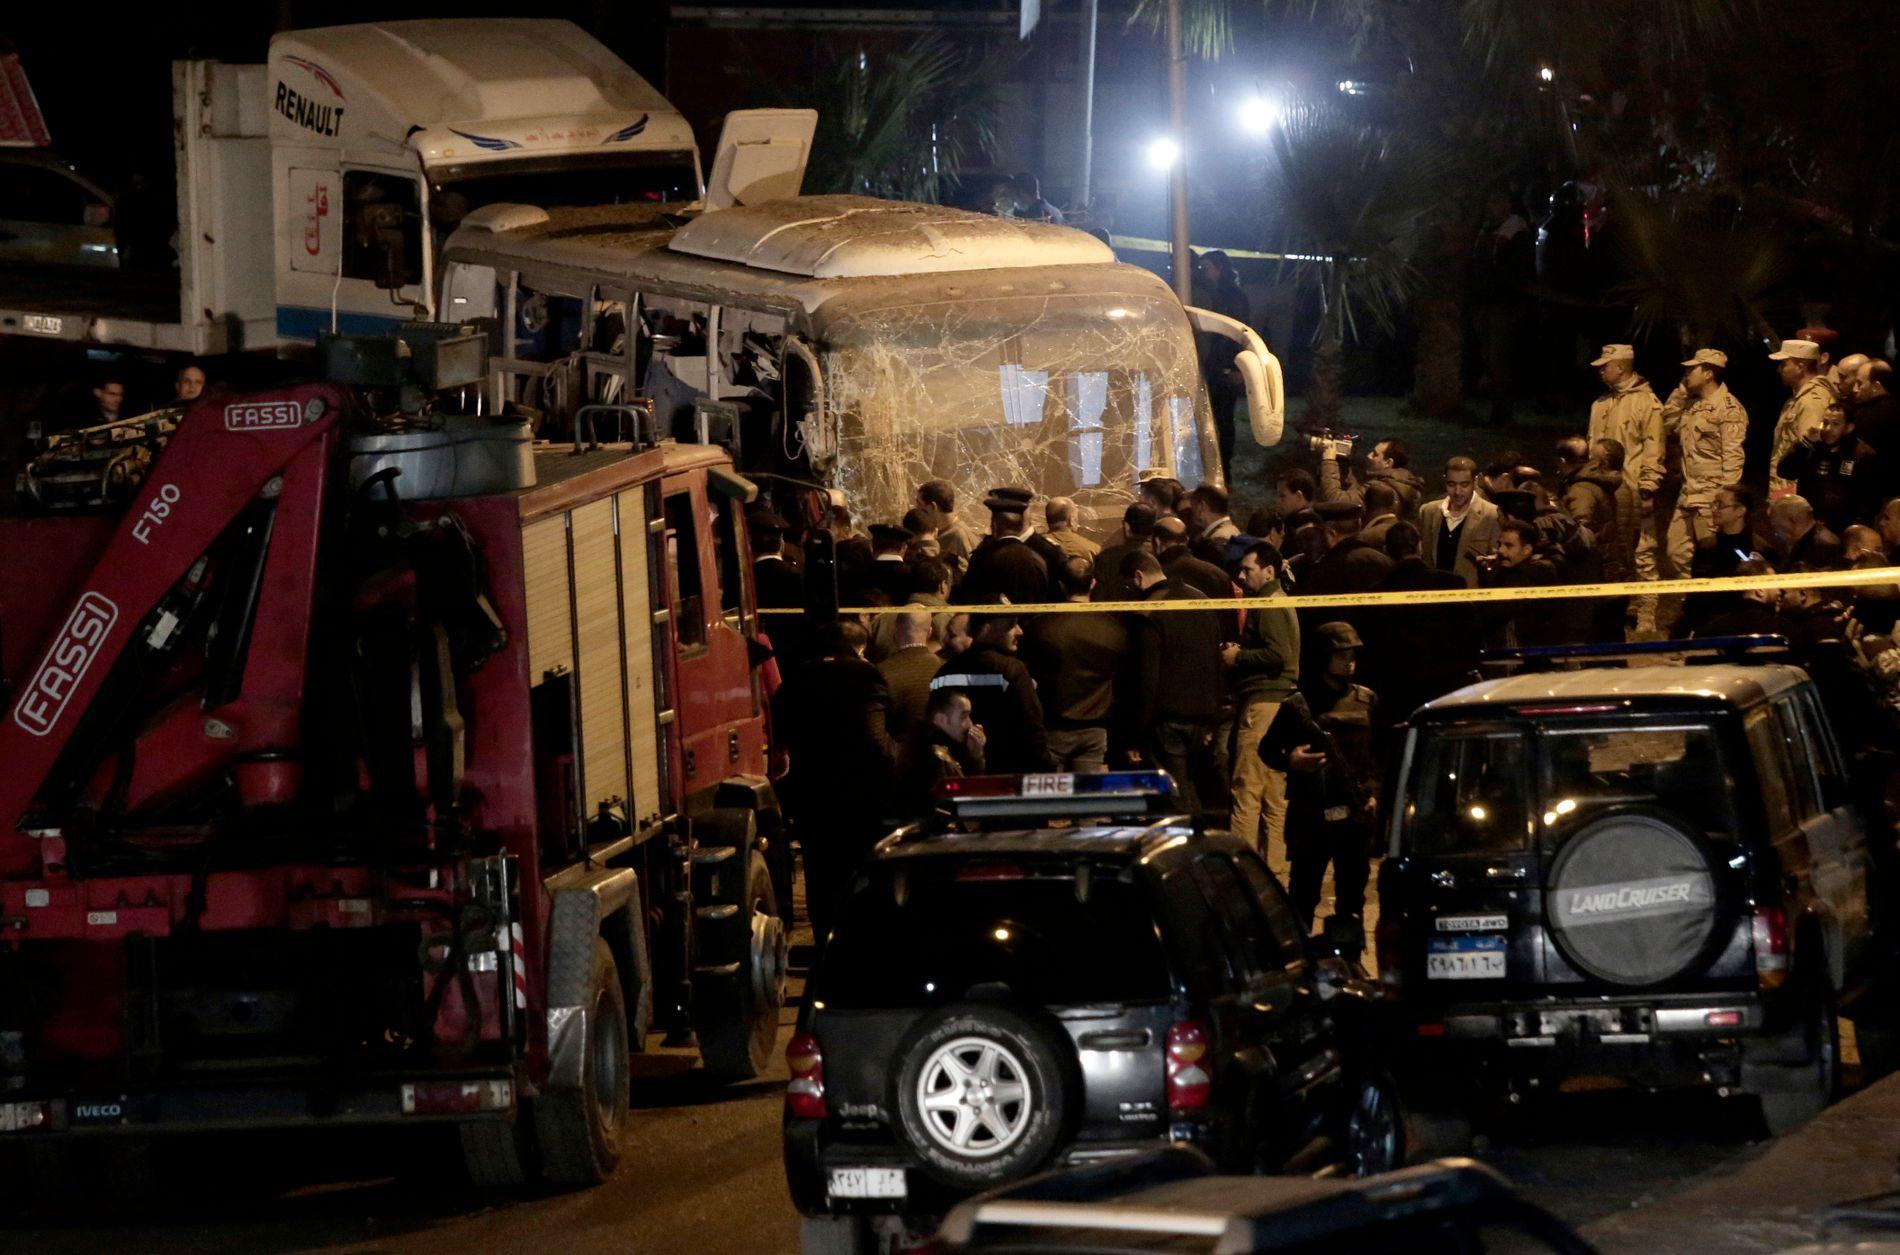 Egyptiske sikkerhetsstyrker ved turistbussen som ble rammet av en veibombe nær Giza-pyramidene sør for Kairo fredag kveld.